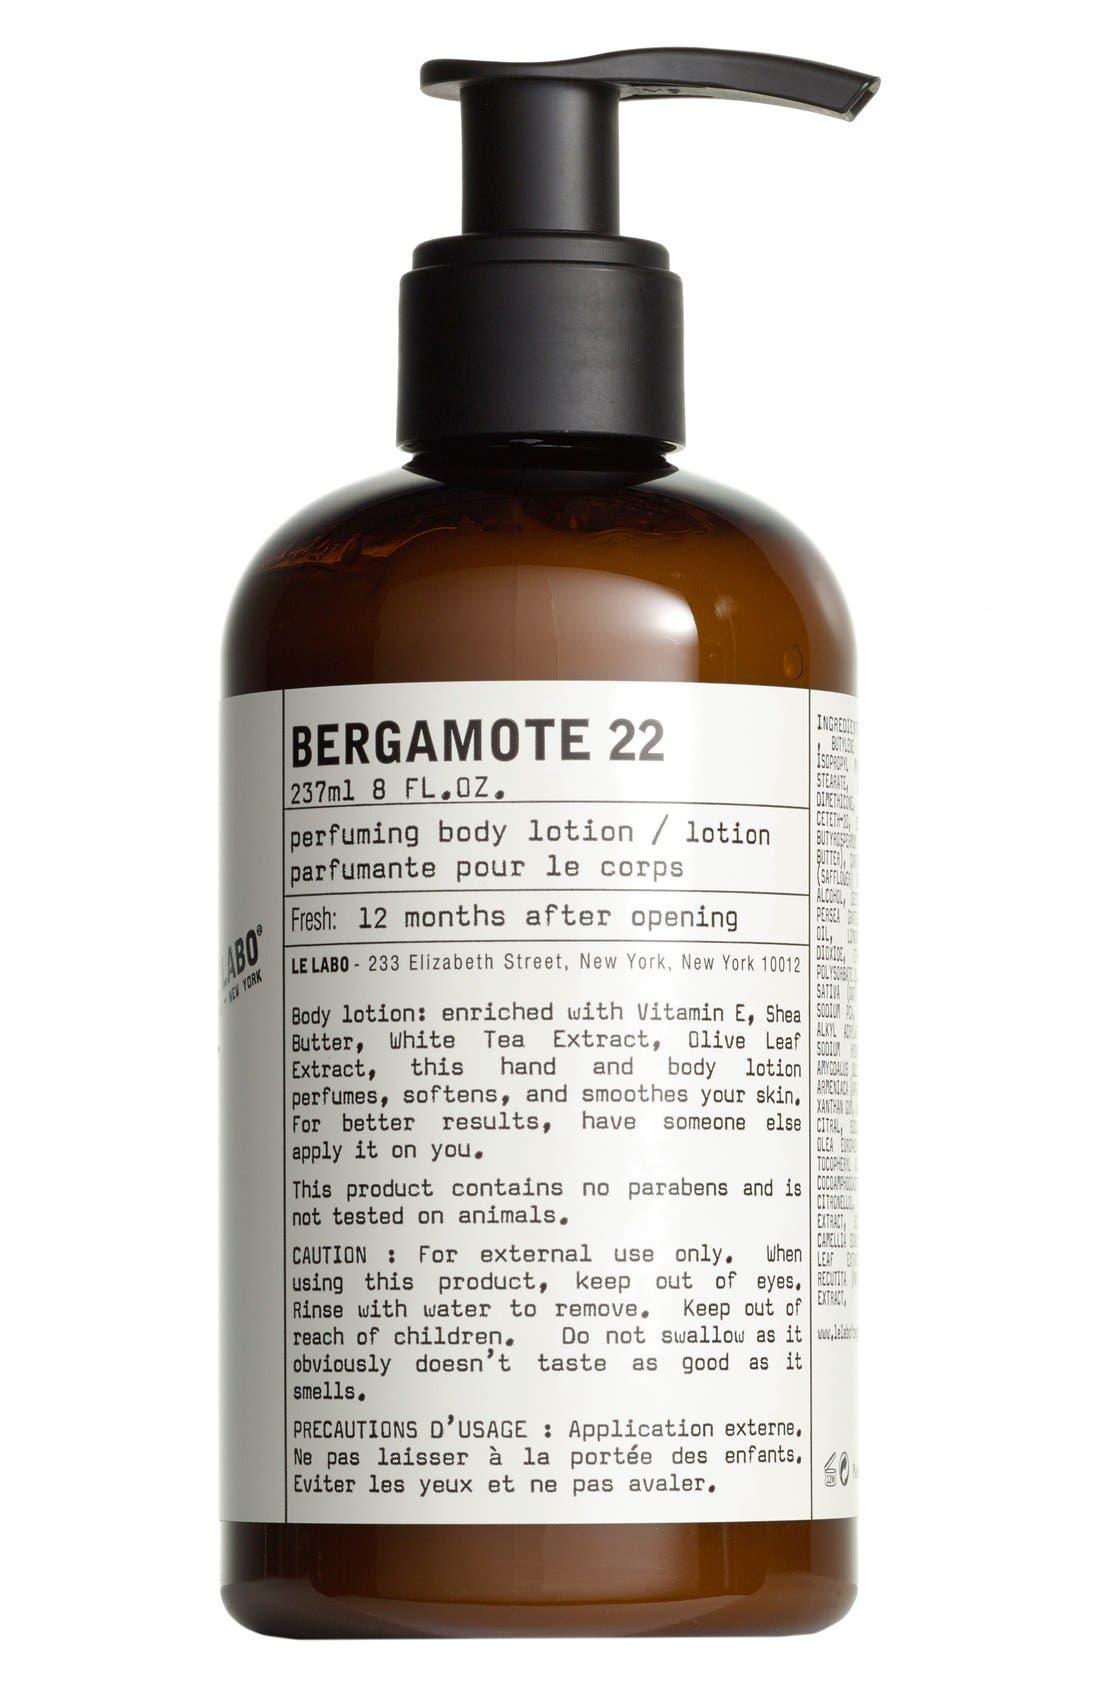 Le Labo 'Bergamote 22' Hand & Body Lotion